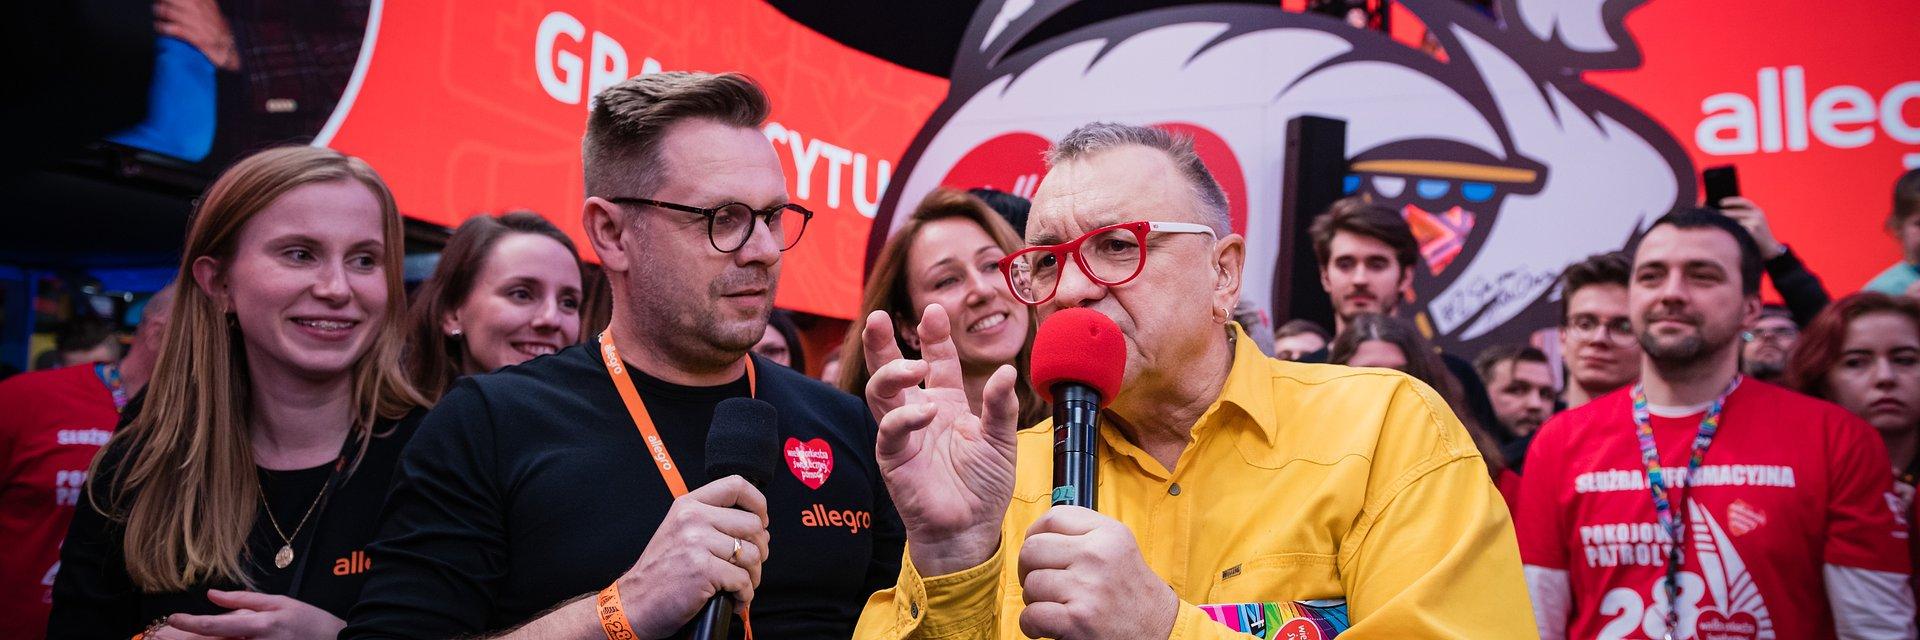 24 respiratory dla polskich szpitali i ogólnopolska zbiórka charytatywna - Allegro znów gra z WOŚP